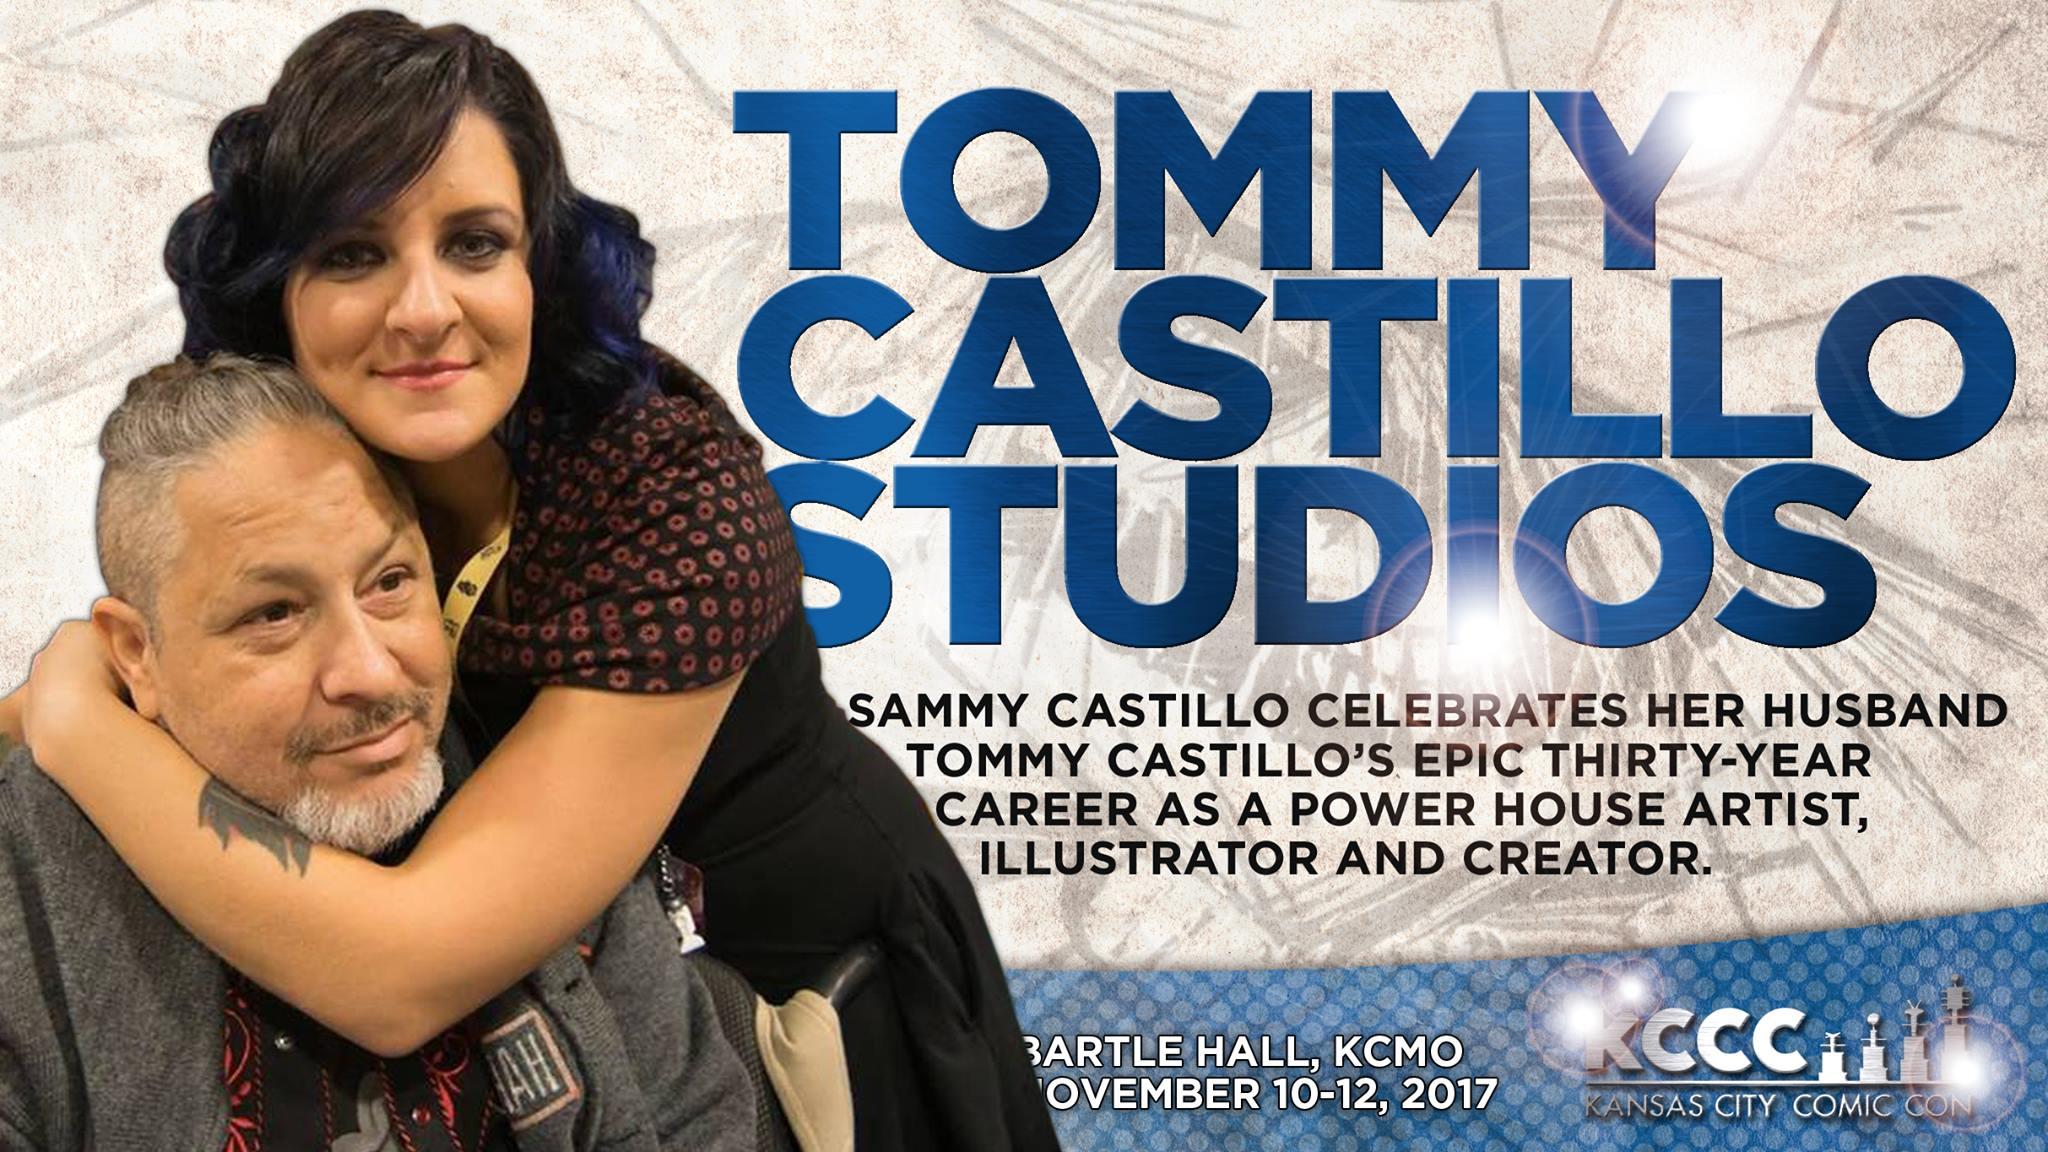 TommySammyCastillo.jpg